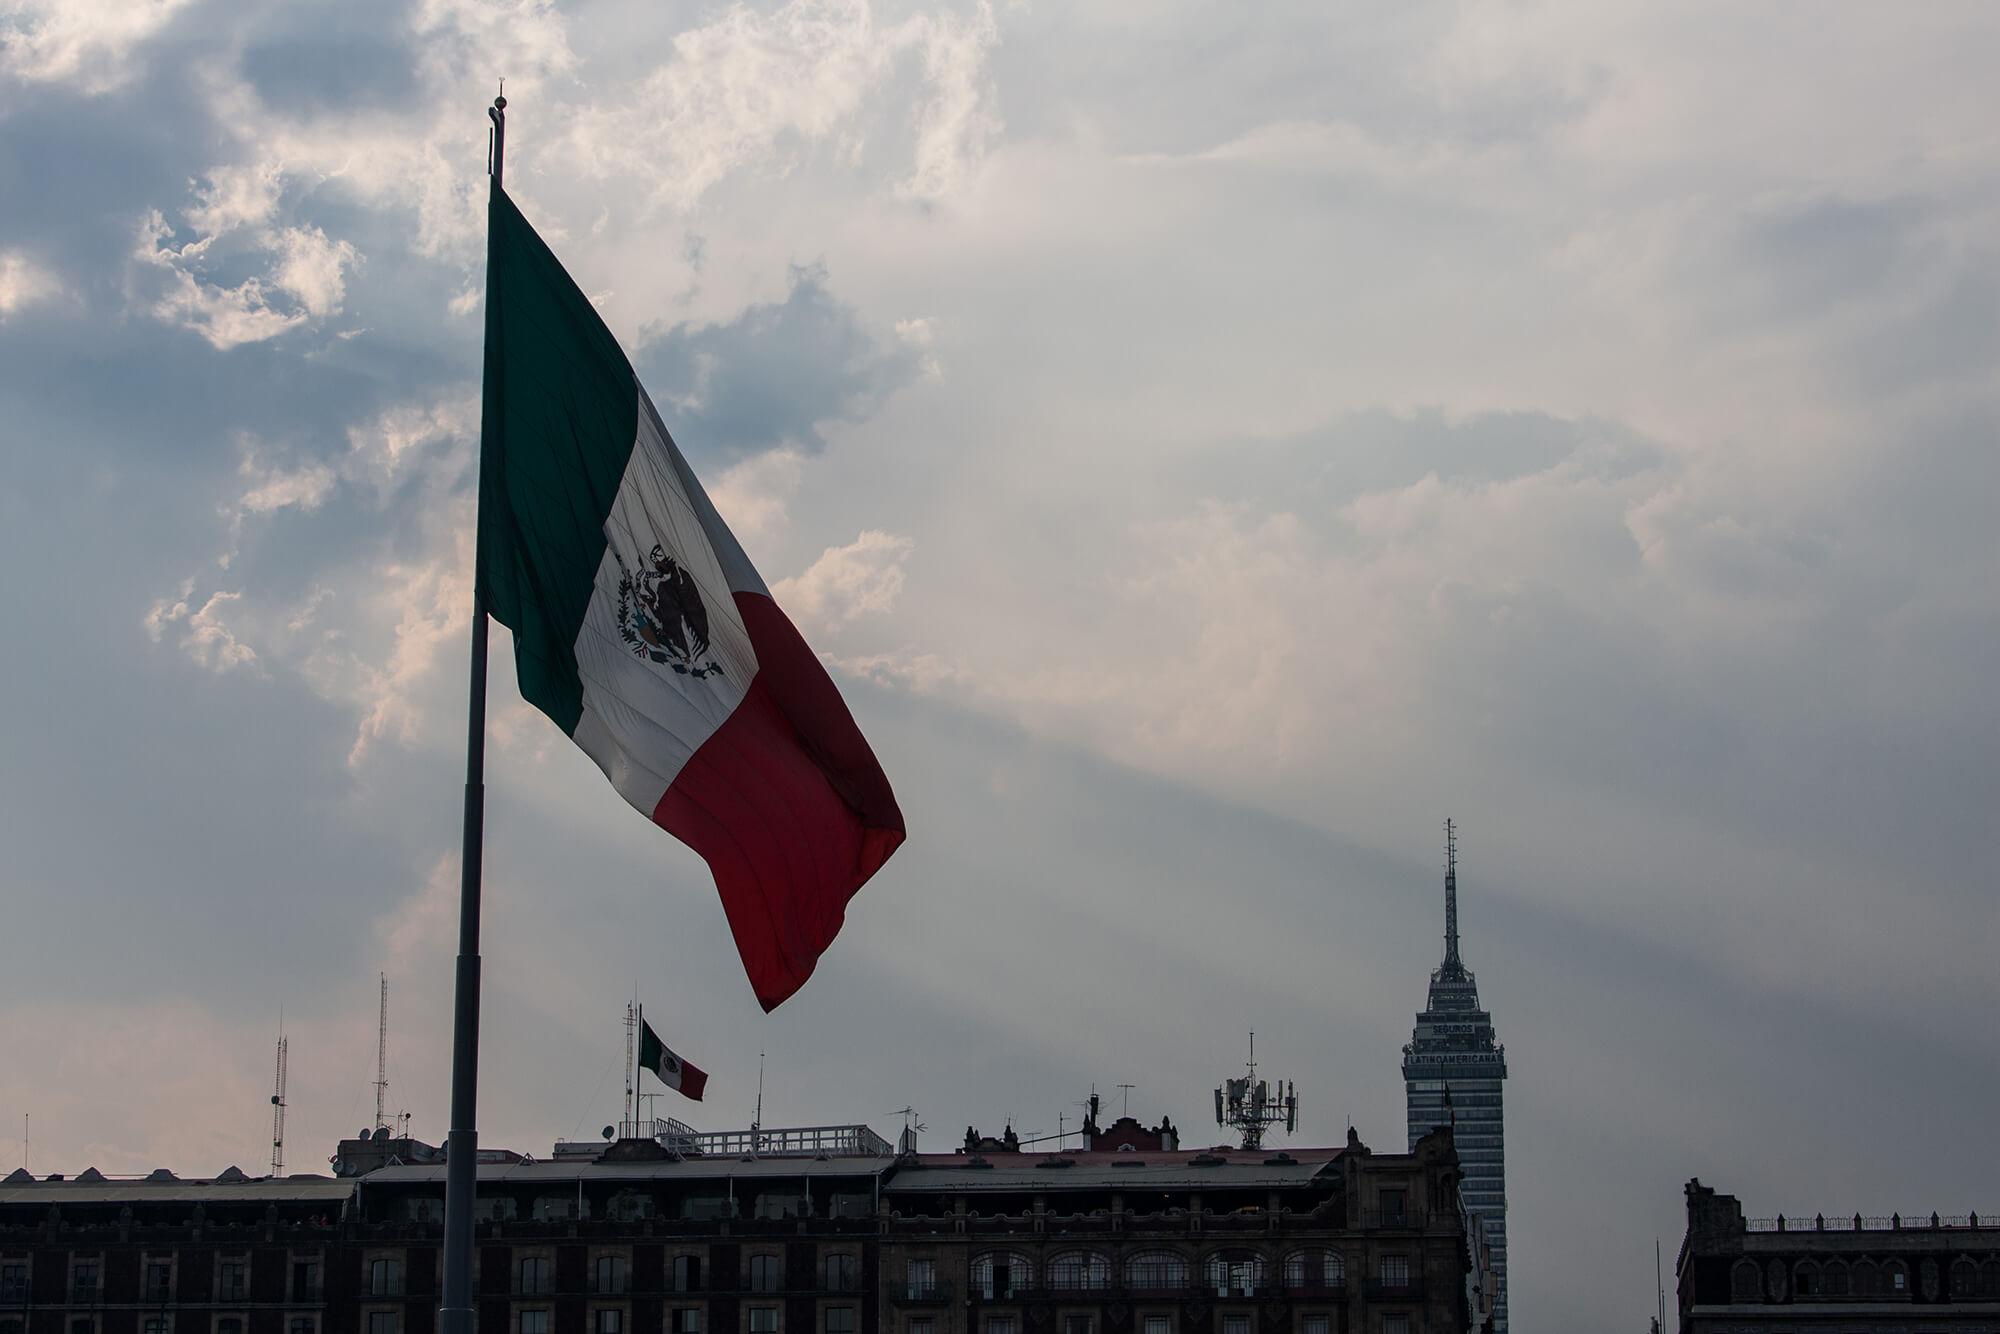 Bandera de México ondeando al viento en la capital